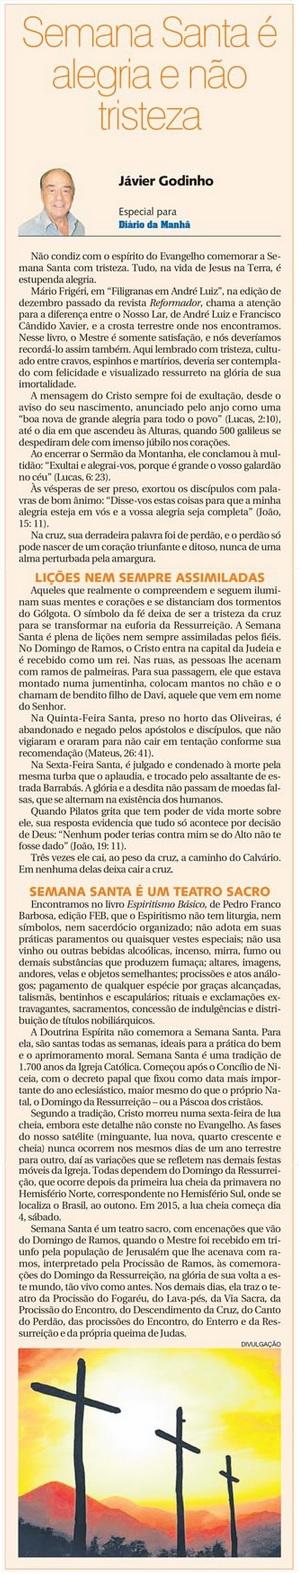 DM 01-04-2015 - Semana Santa é alegria e não tristeza - Jávier Godinho